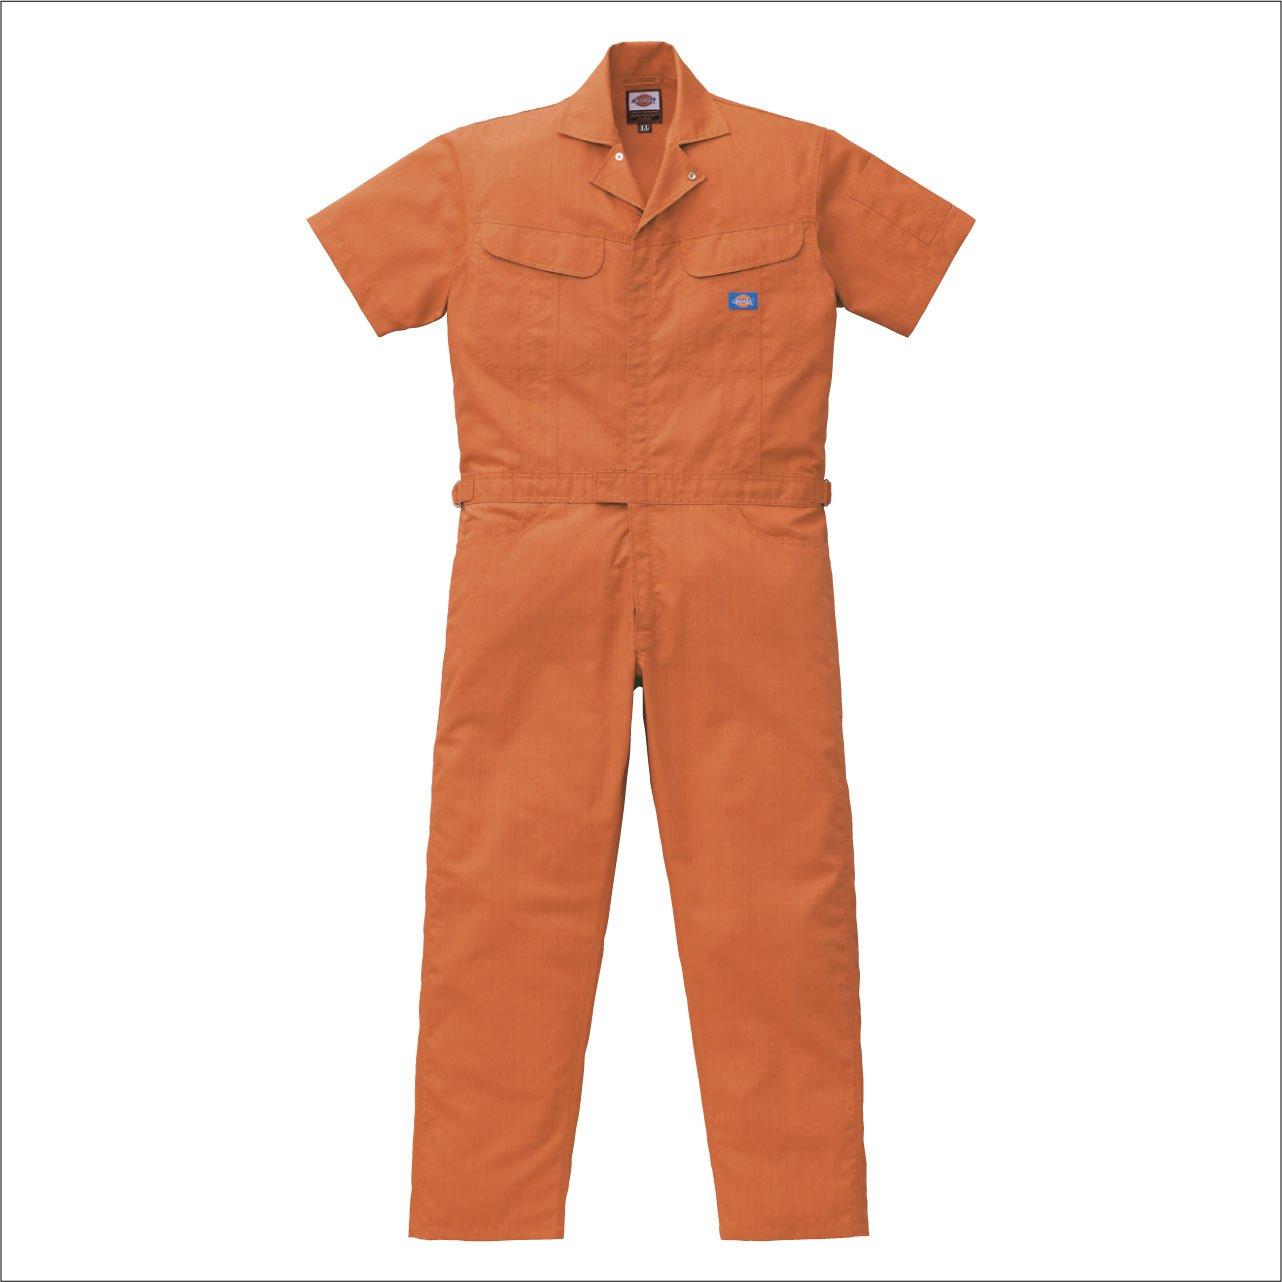 (ディッキーズ) Dickies ブッチャー織り半袖つなぎ Dickies-1111 B00TIHGIRU S|オレンジ